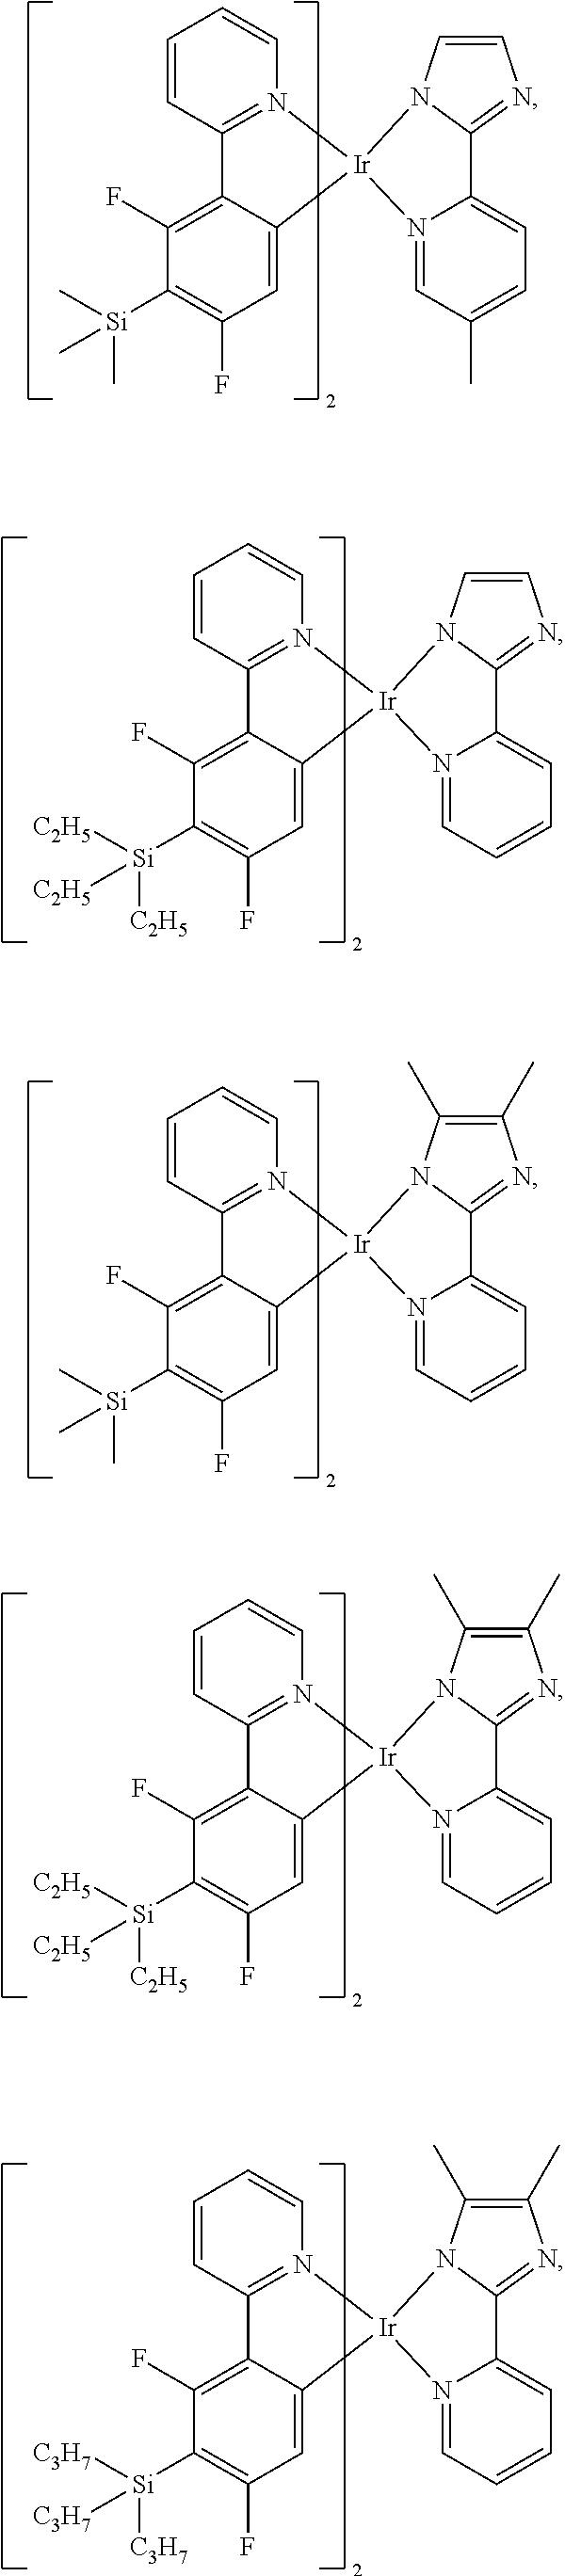 Figure US10153441-20181211-C00013